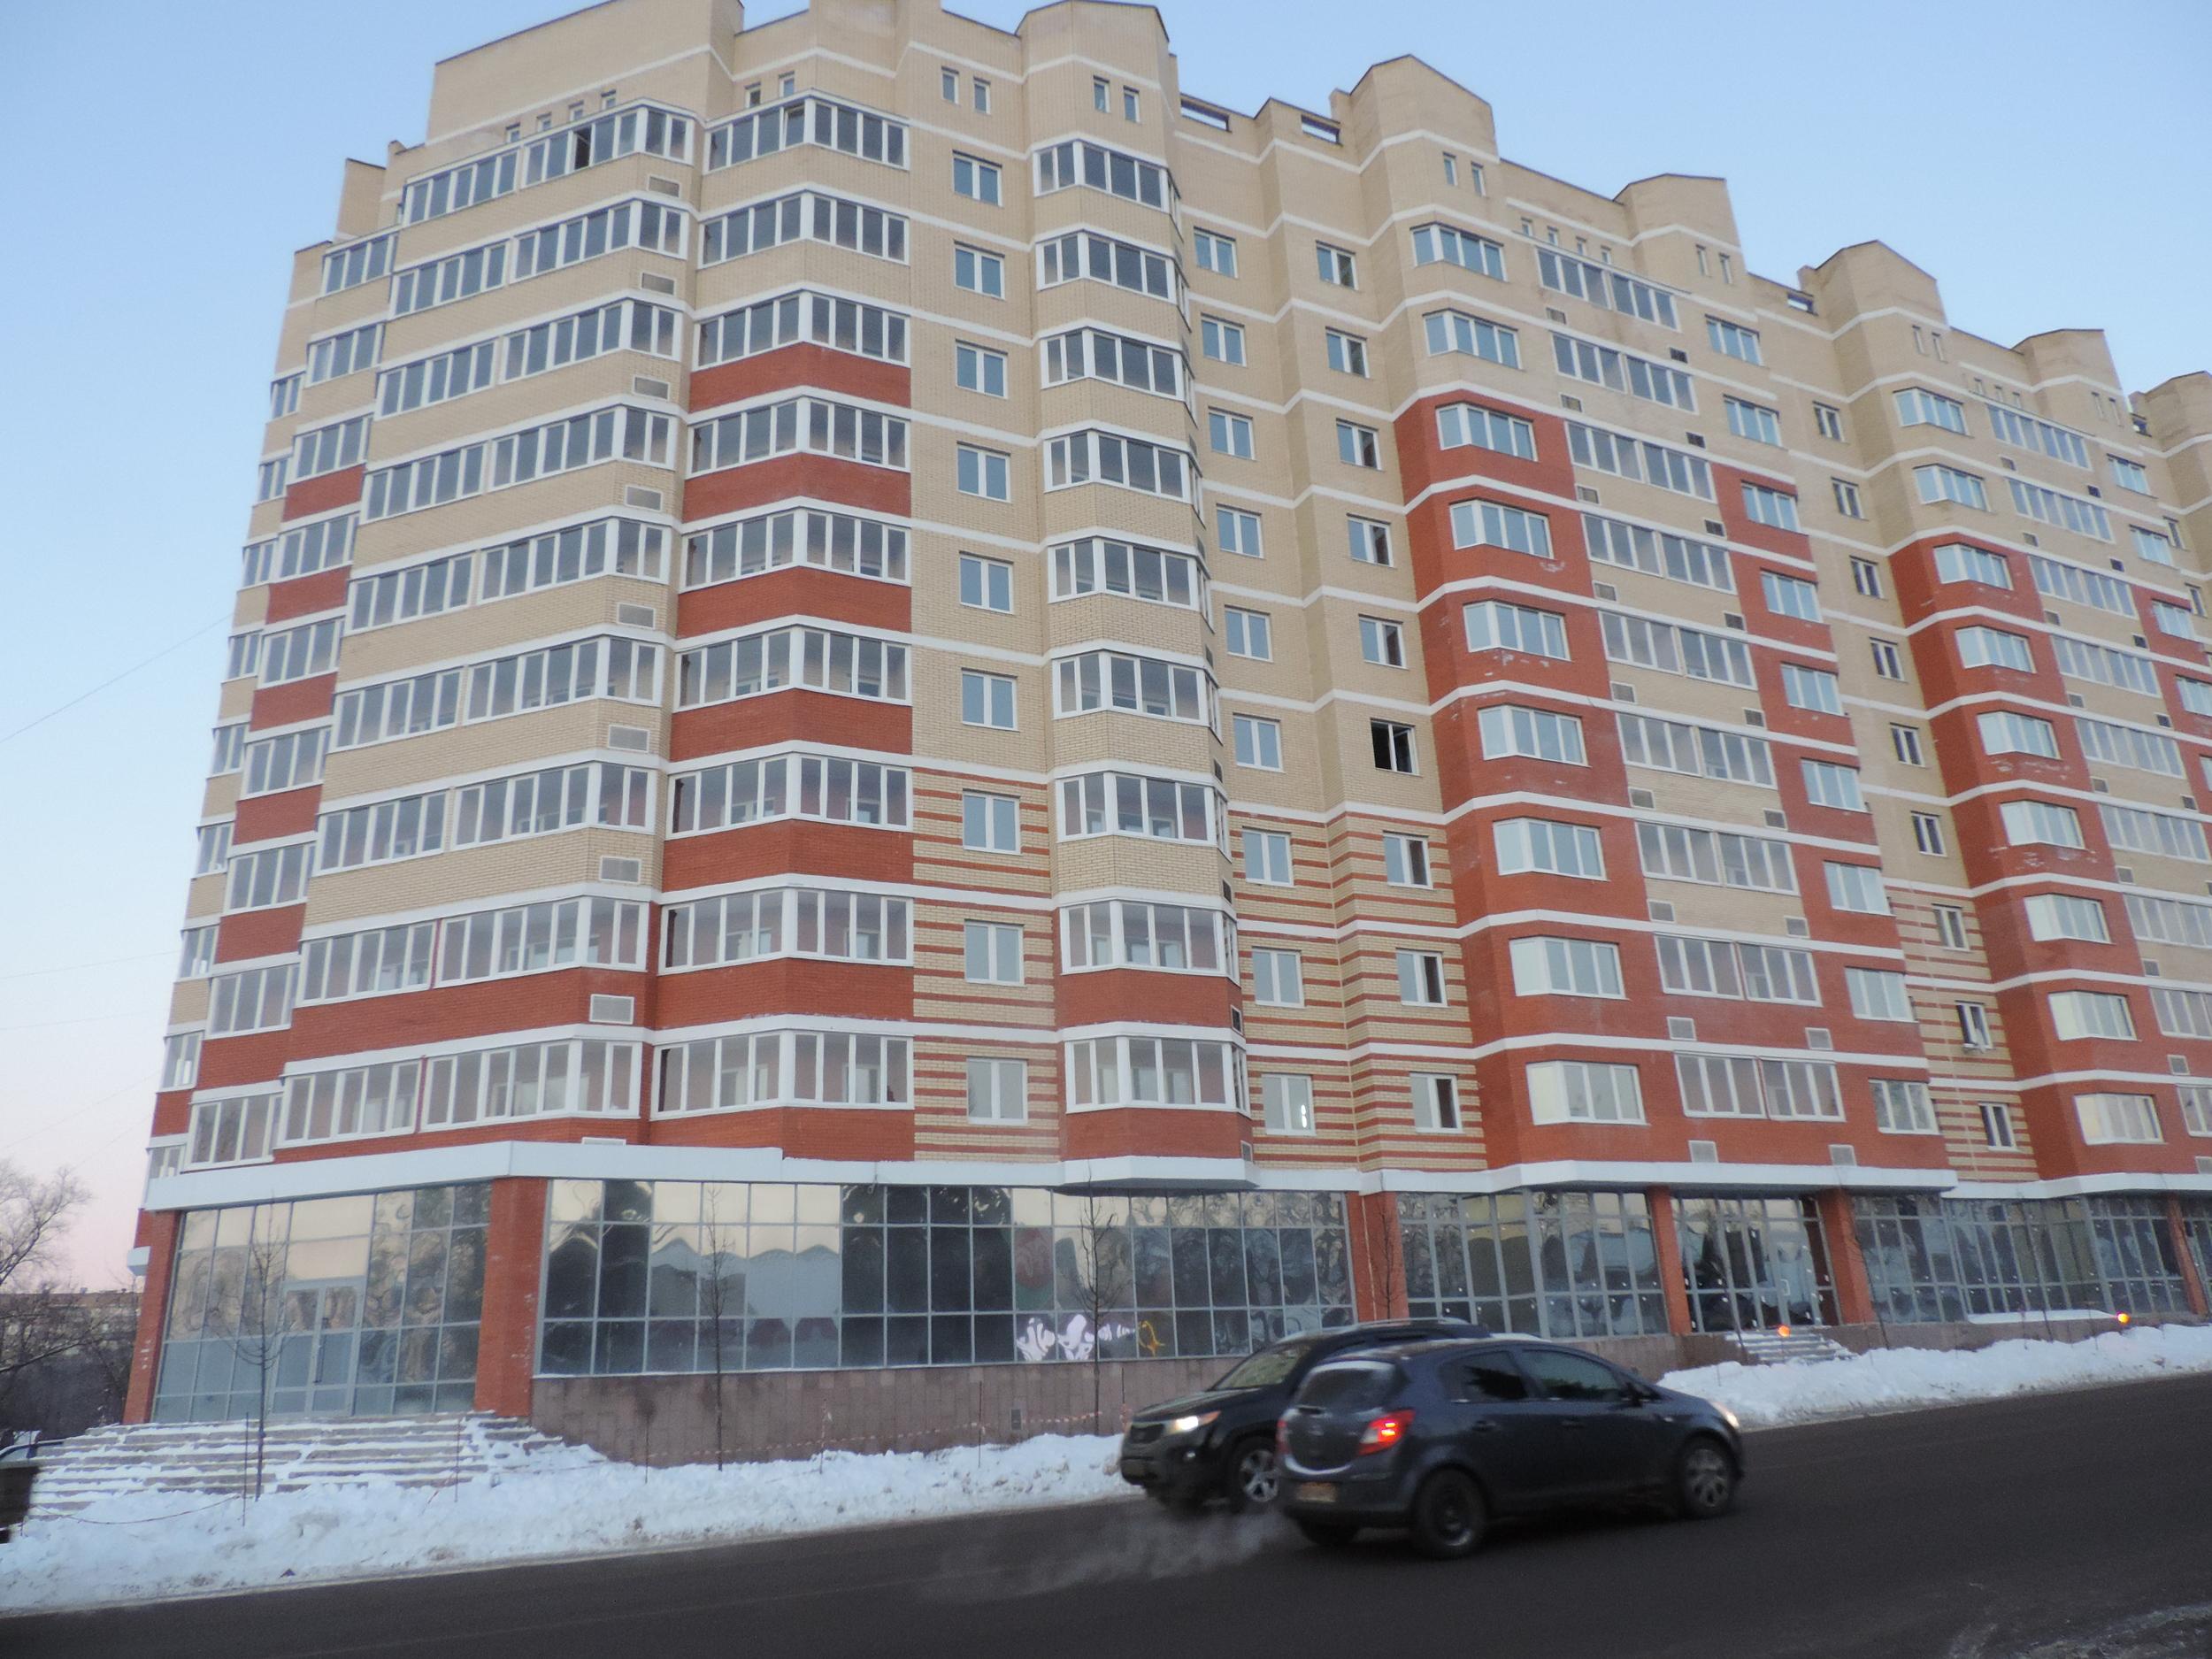 Комплексное остекление жилого дома в Люберецком районе ПВХ FUNKE и фасадный алюминий NISSAL.JPG